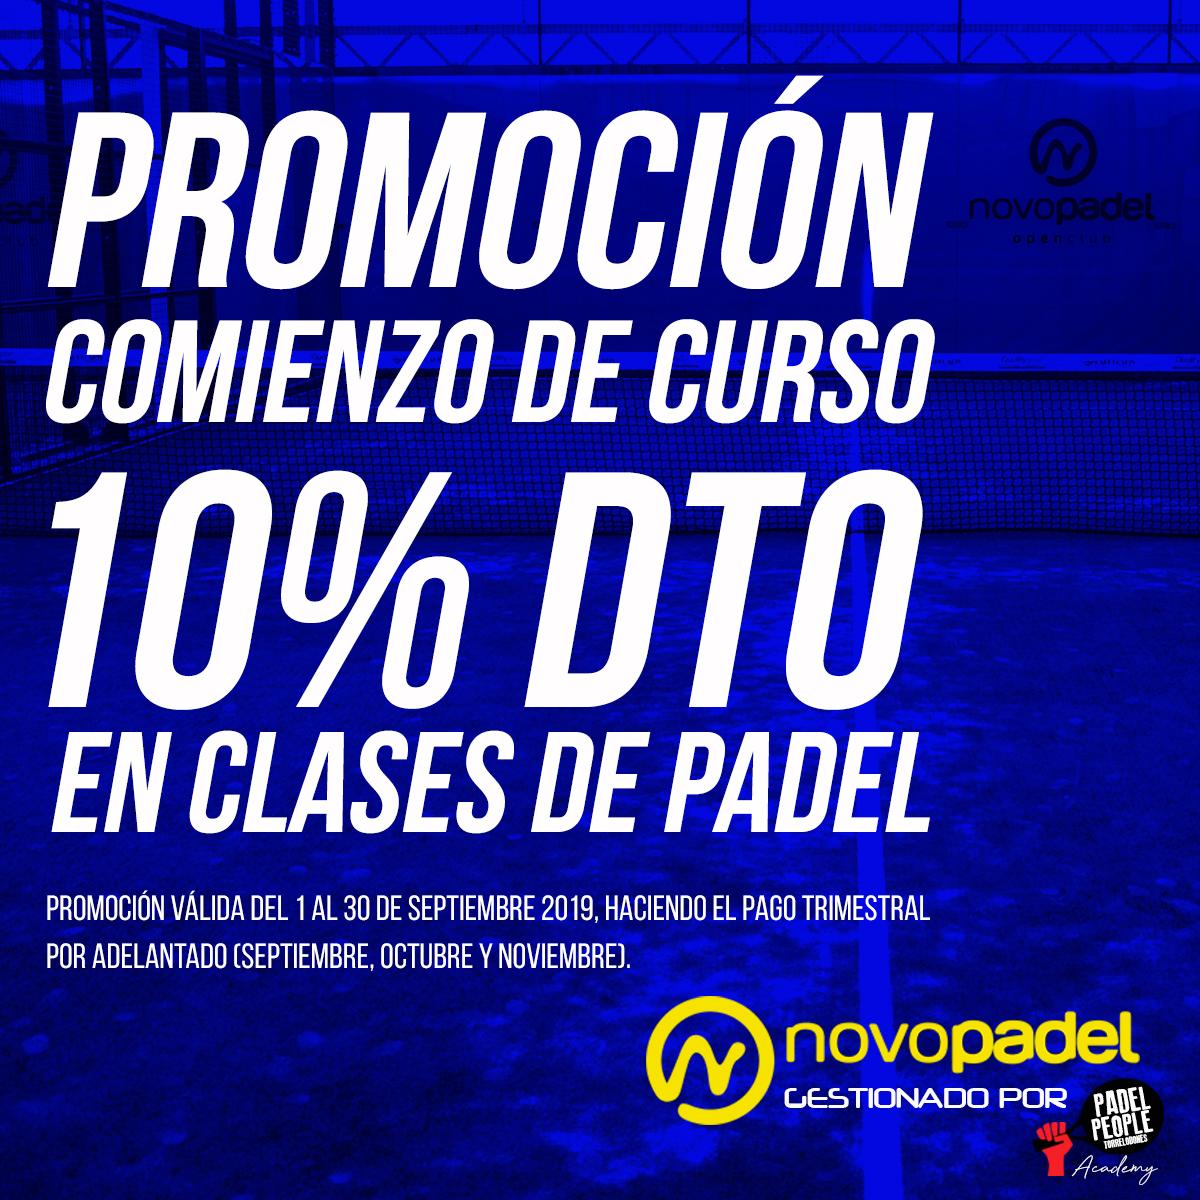 PROMOCION COMIENZO DE CURSO